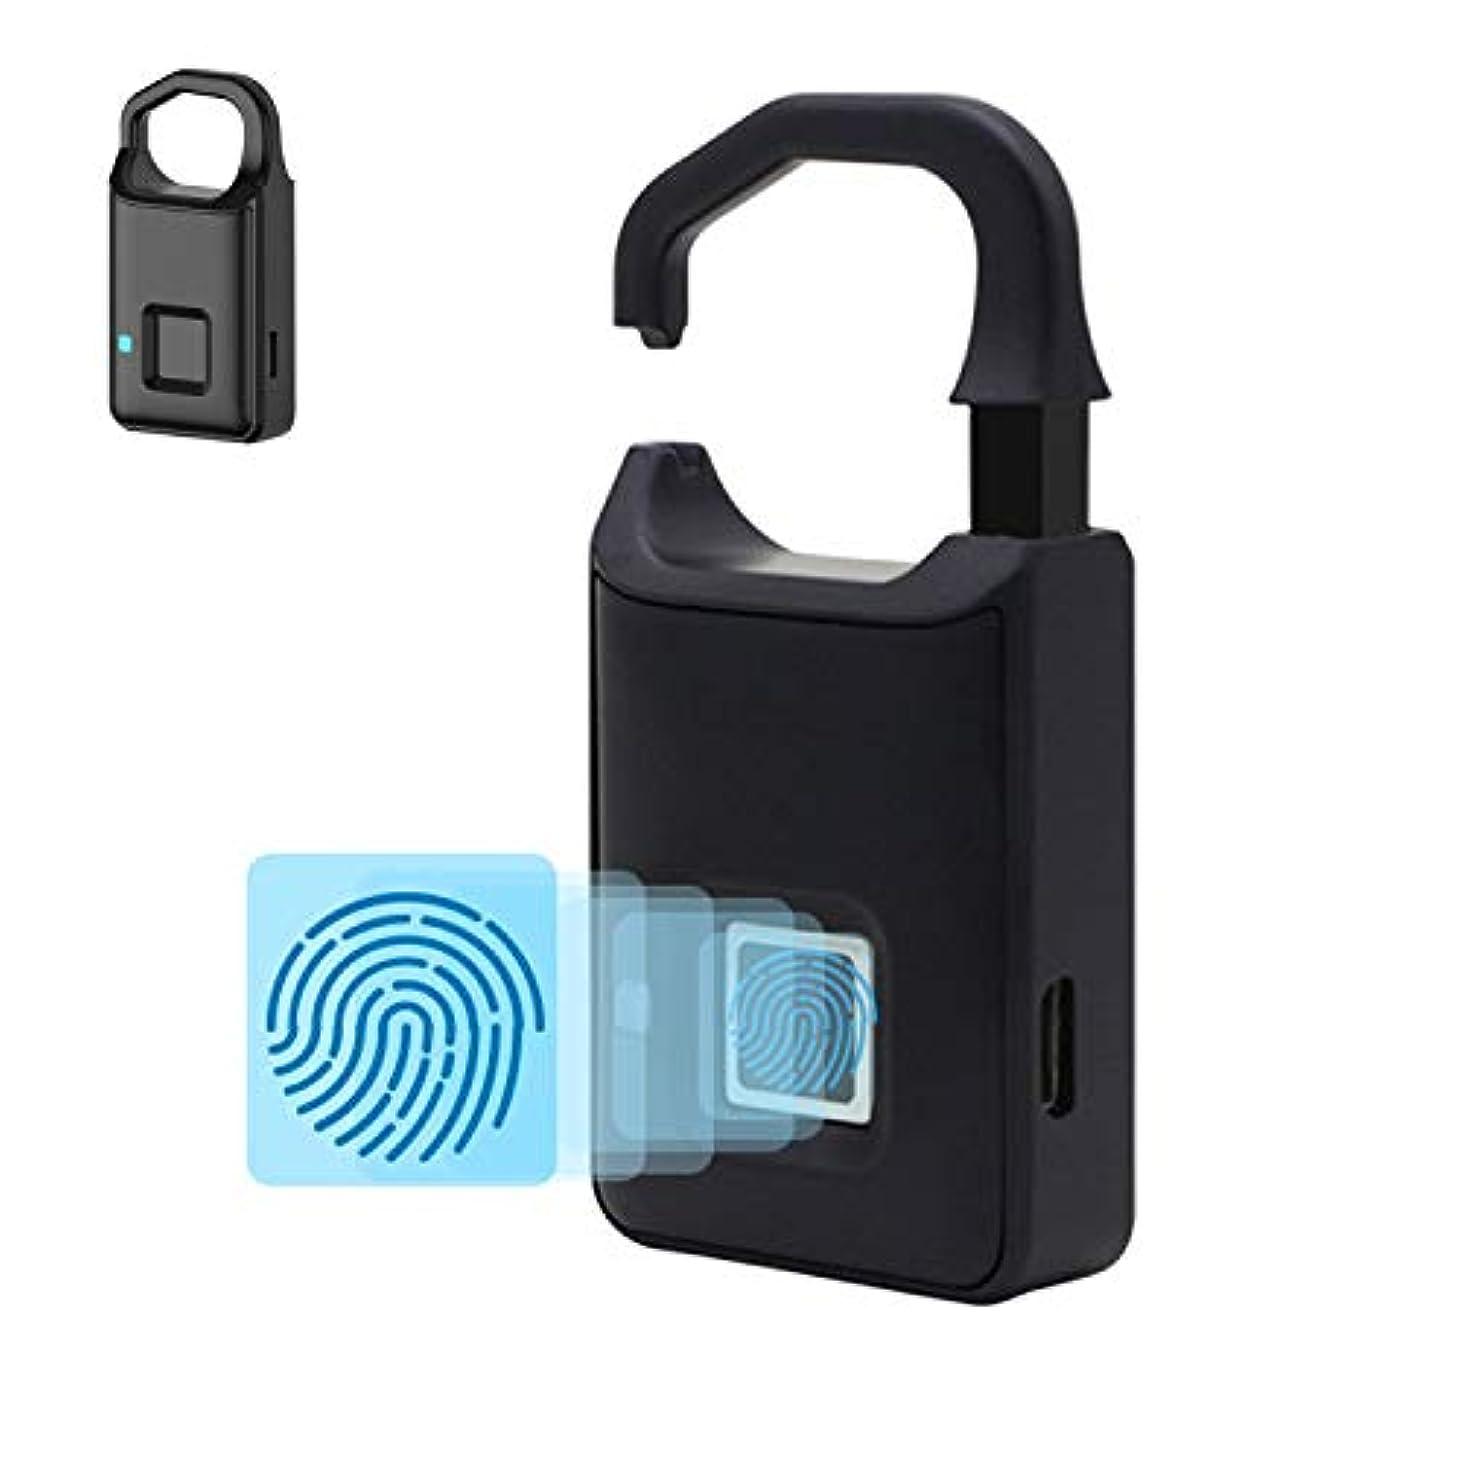 ビデオ飼いならす強います指紋南京錠、スマート指紋、キーレス防水ドア荷物セーフバックパックジム